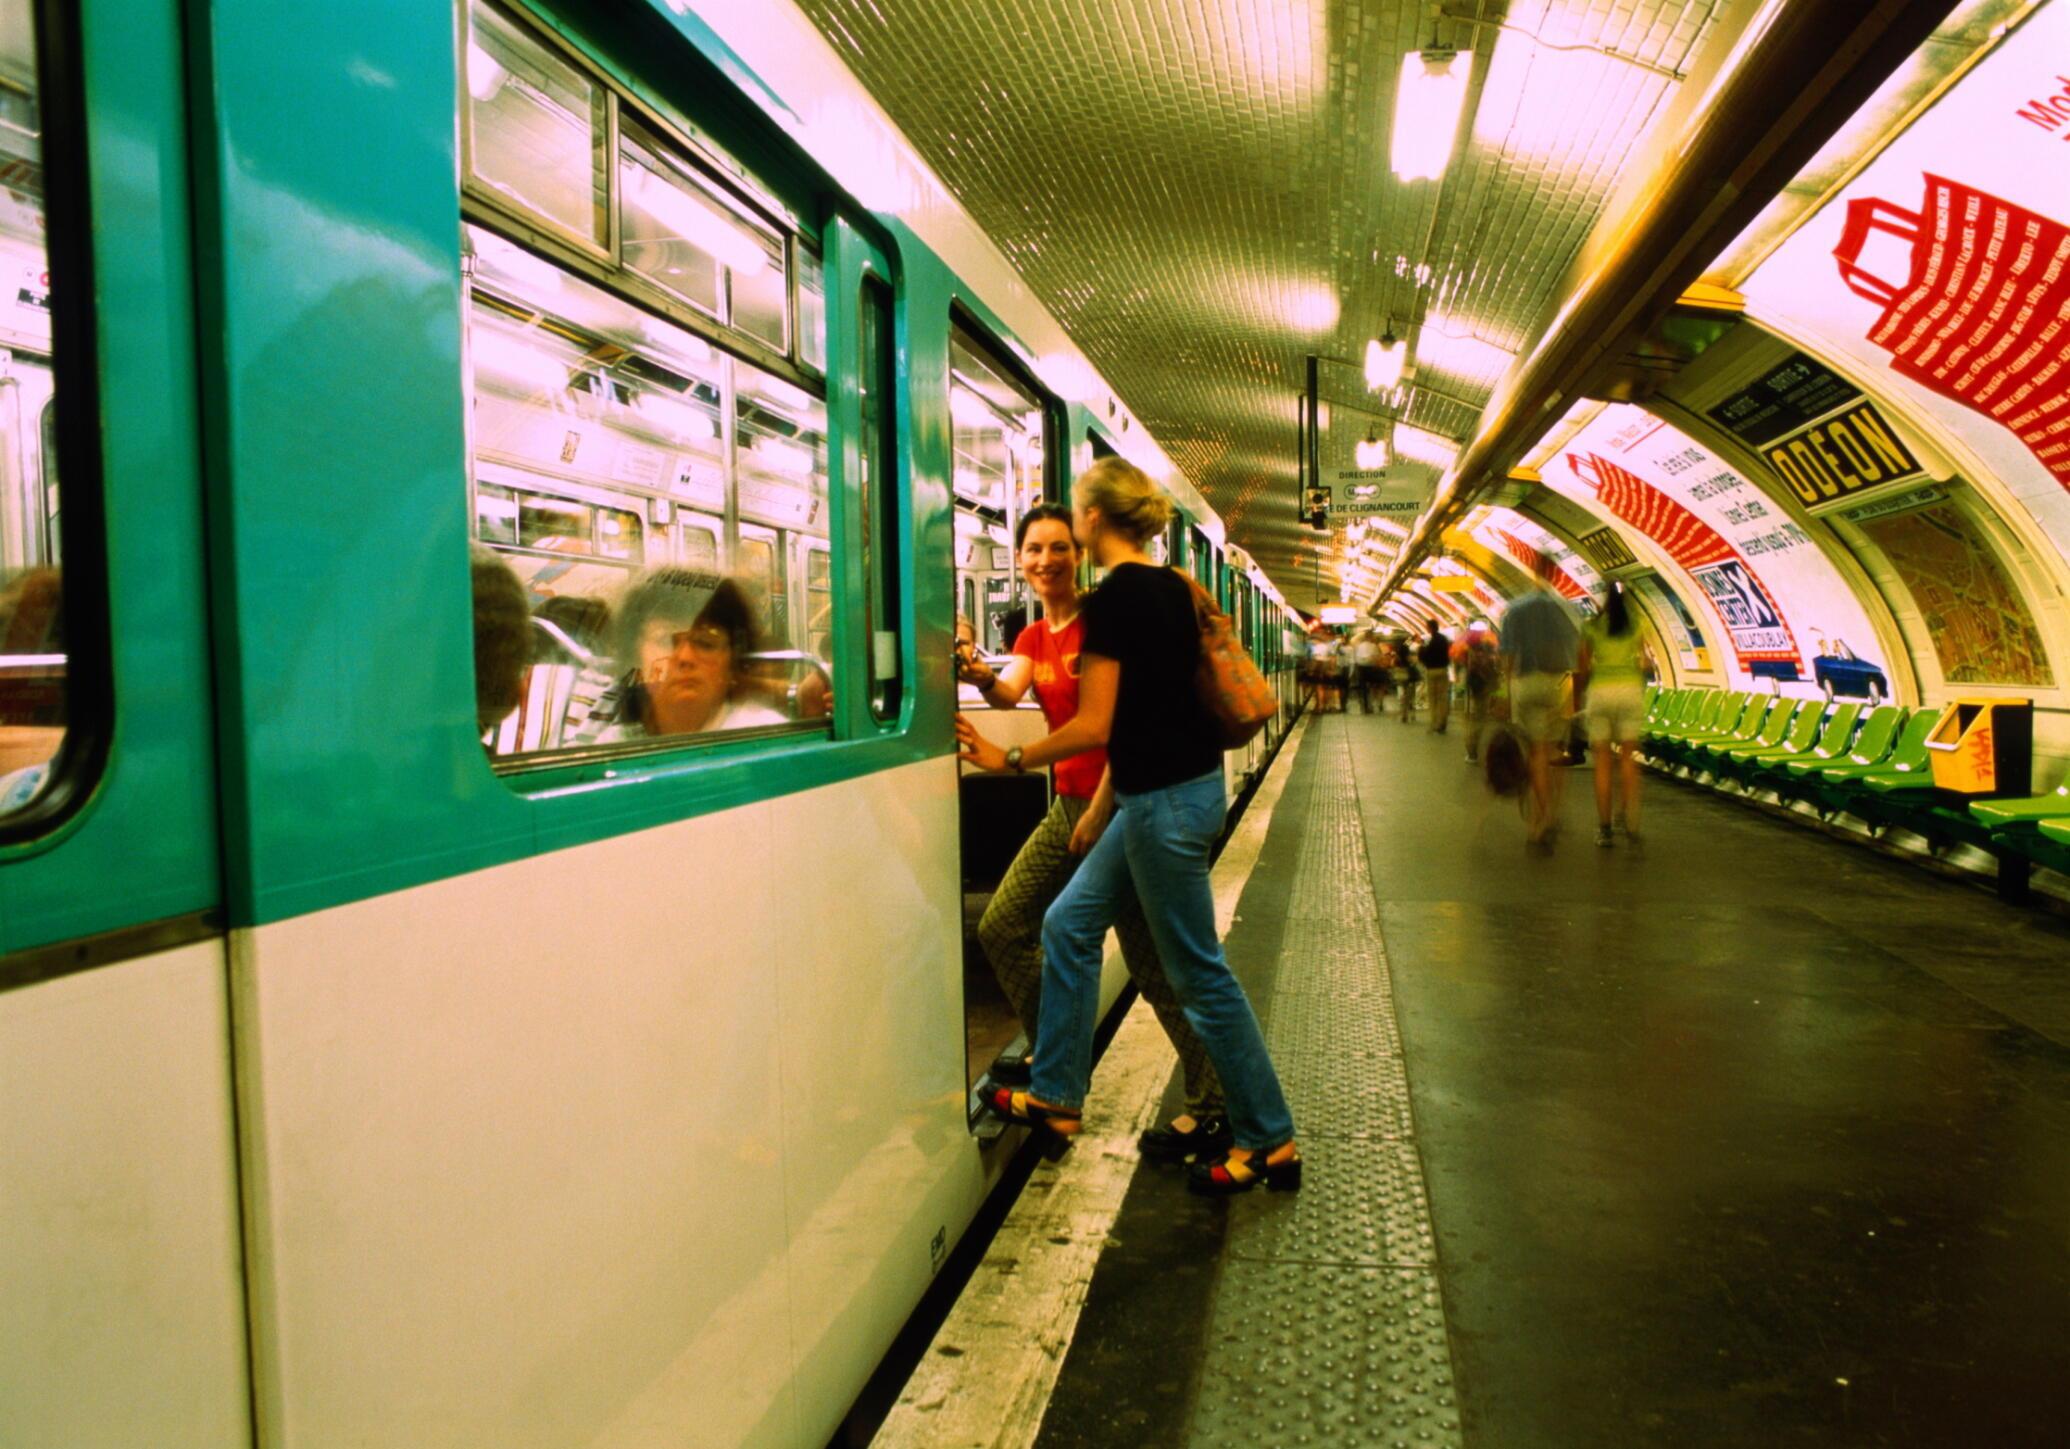 """La mayoría de los turistas califican el metro parisino de """"sucio"""", """"asqueroso""""."""